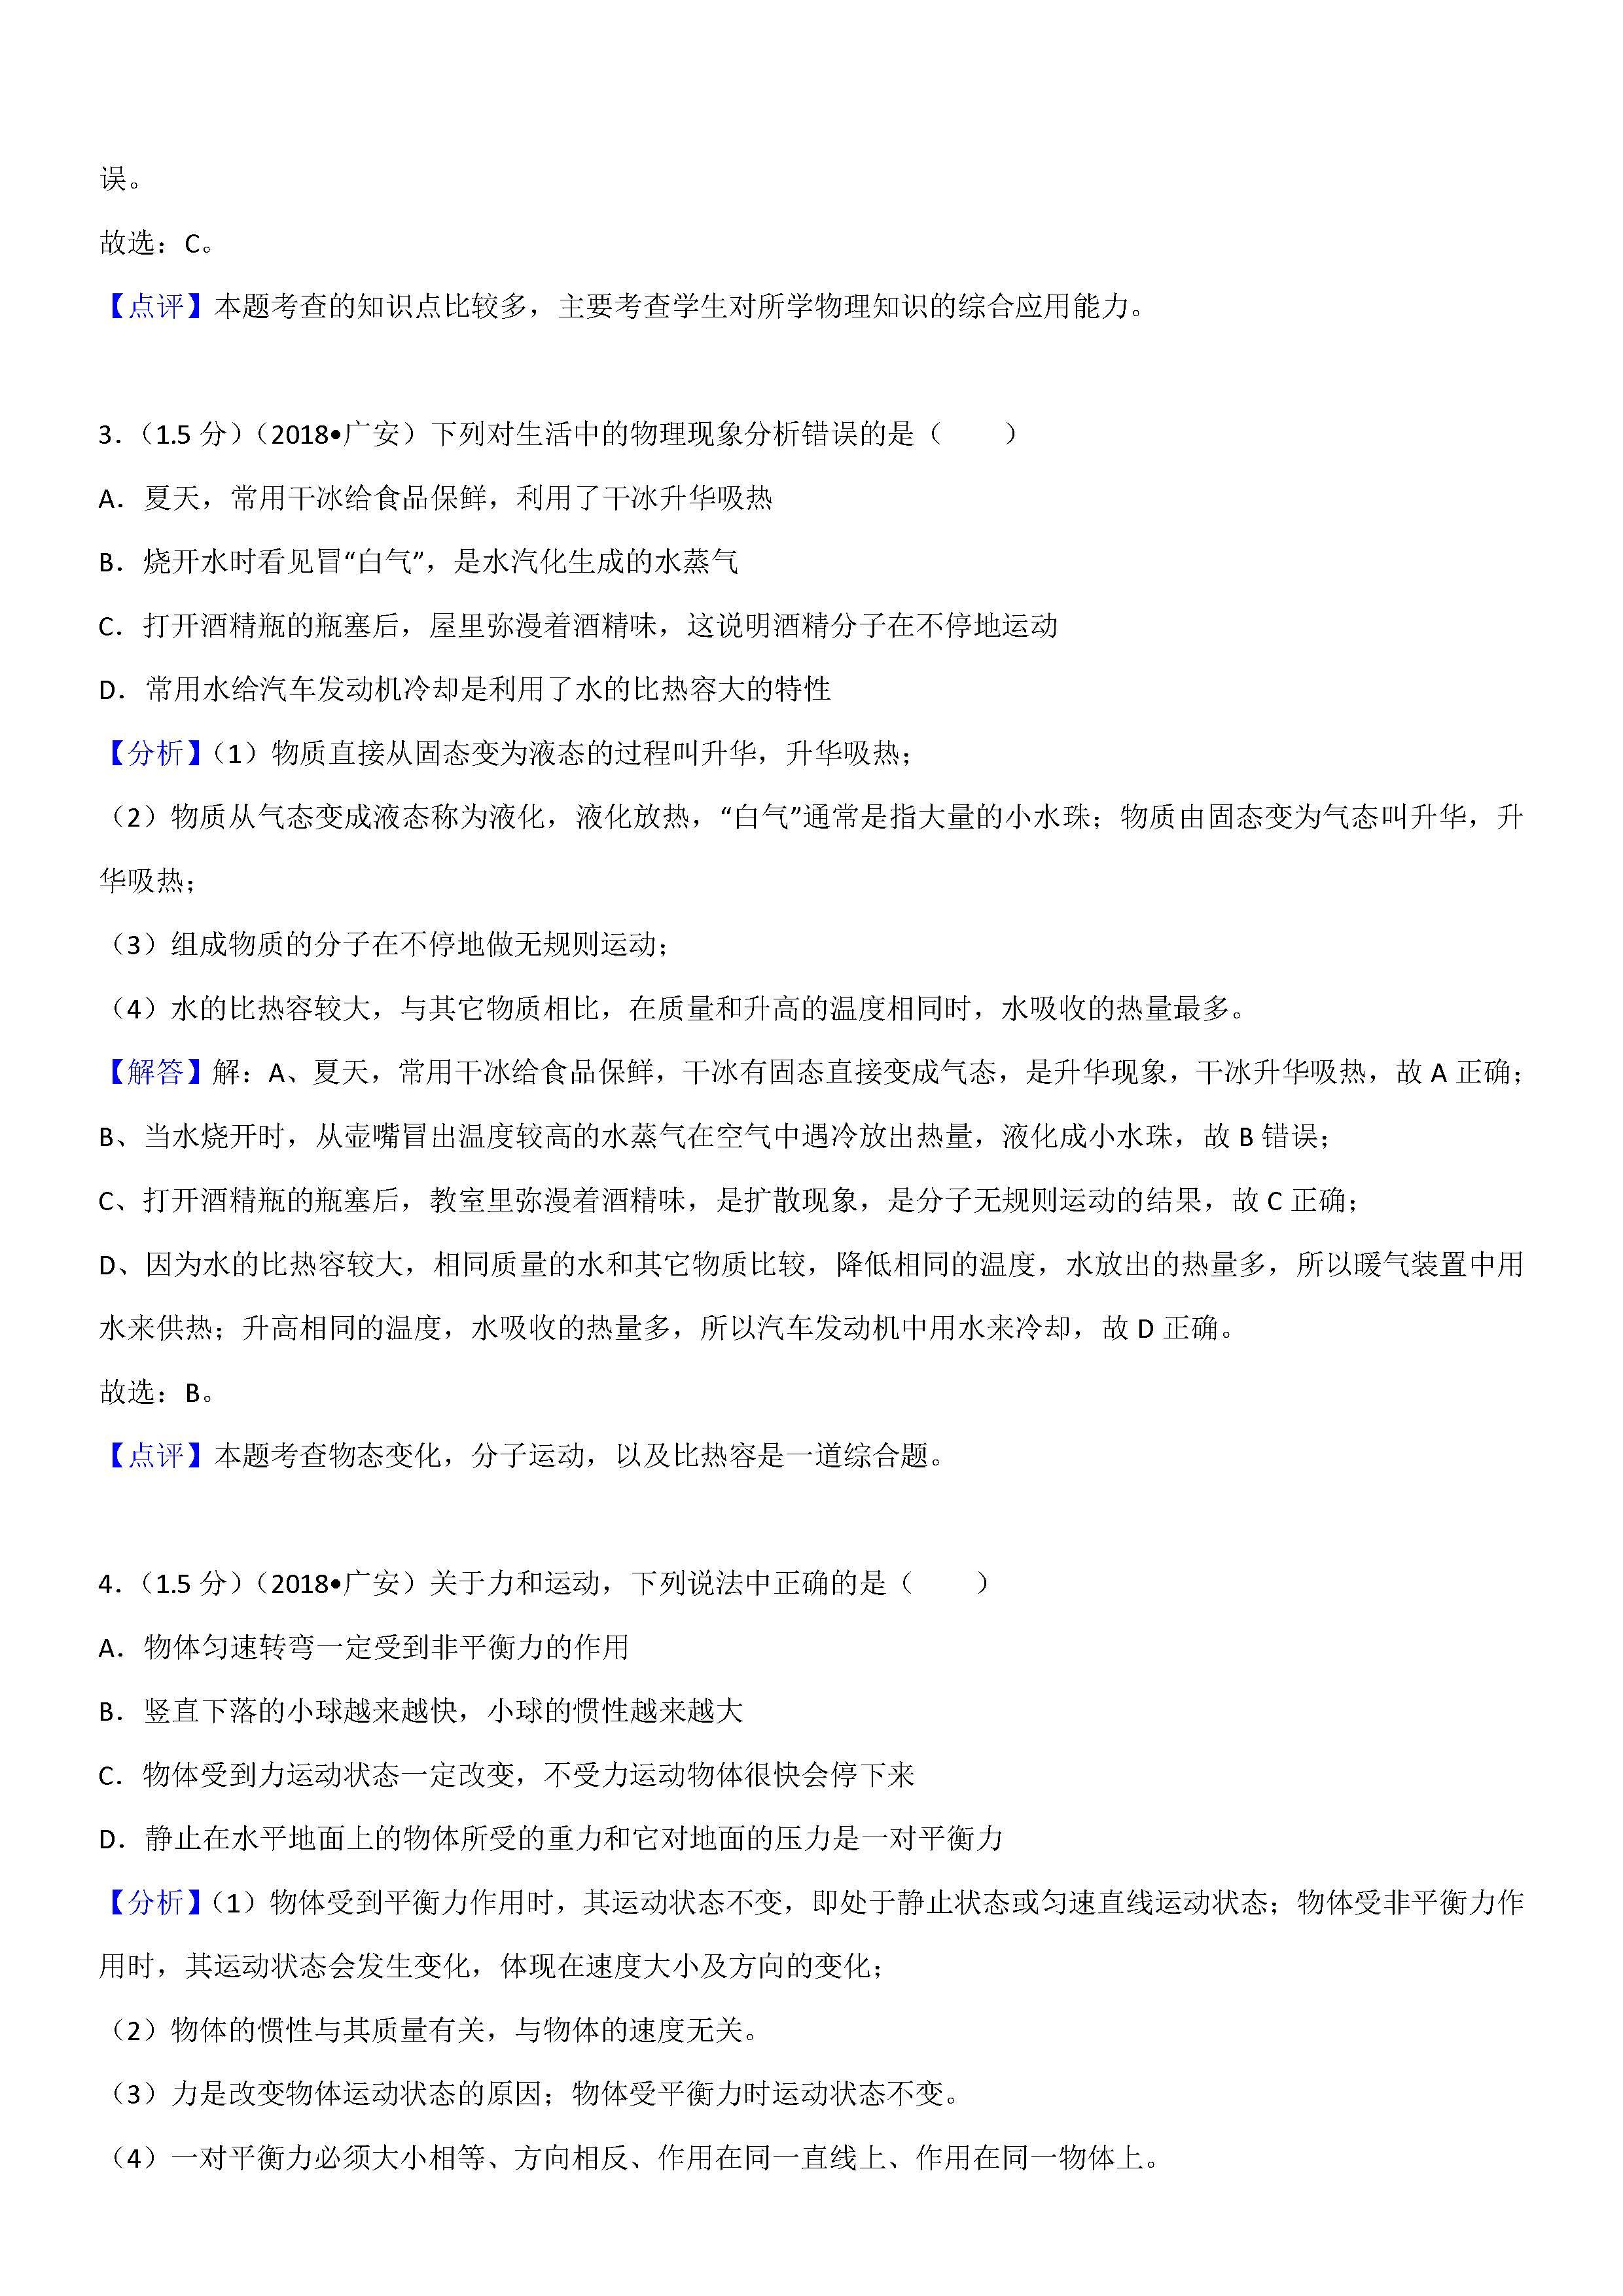 2018广安中考物理试题及答案解析(图片版含答案)